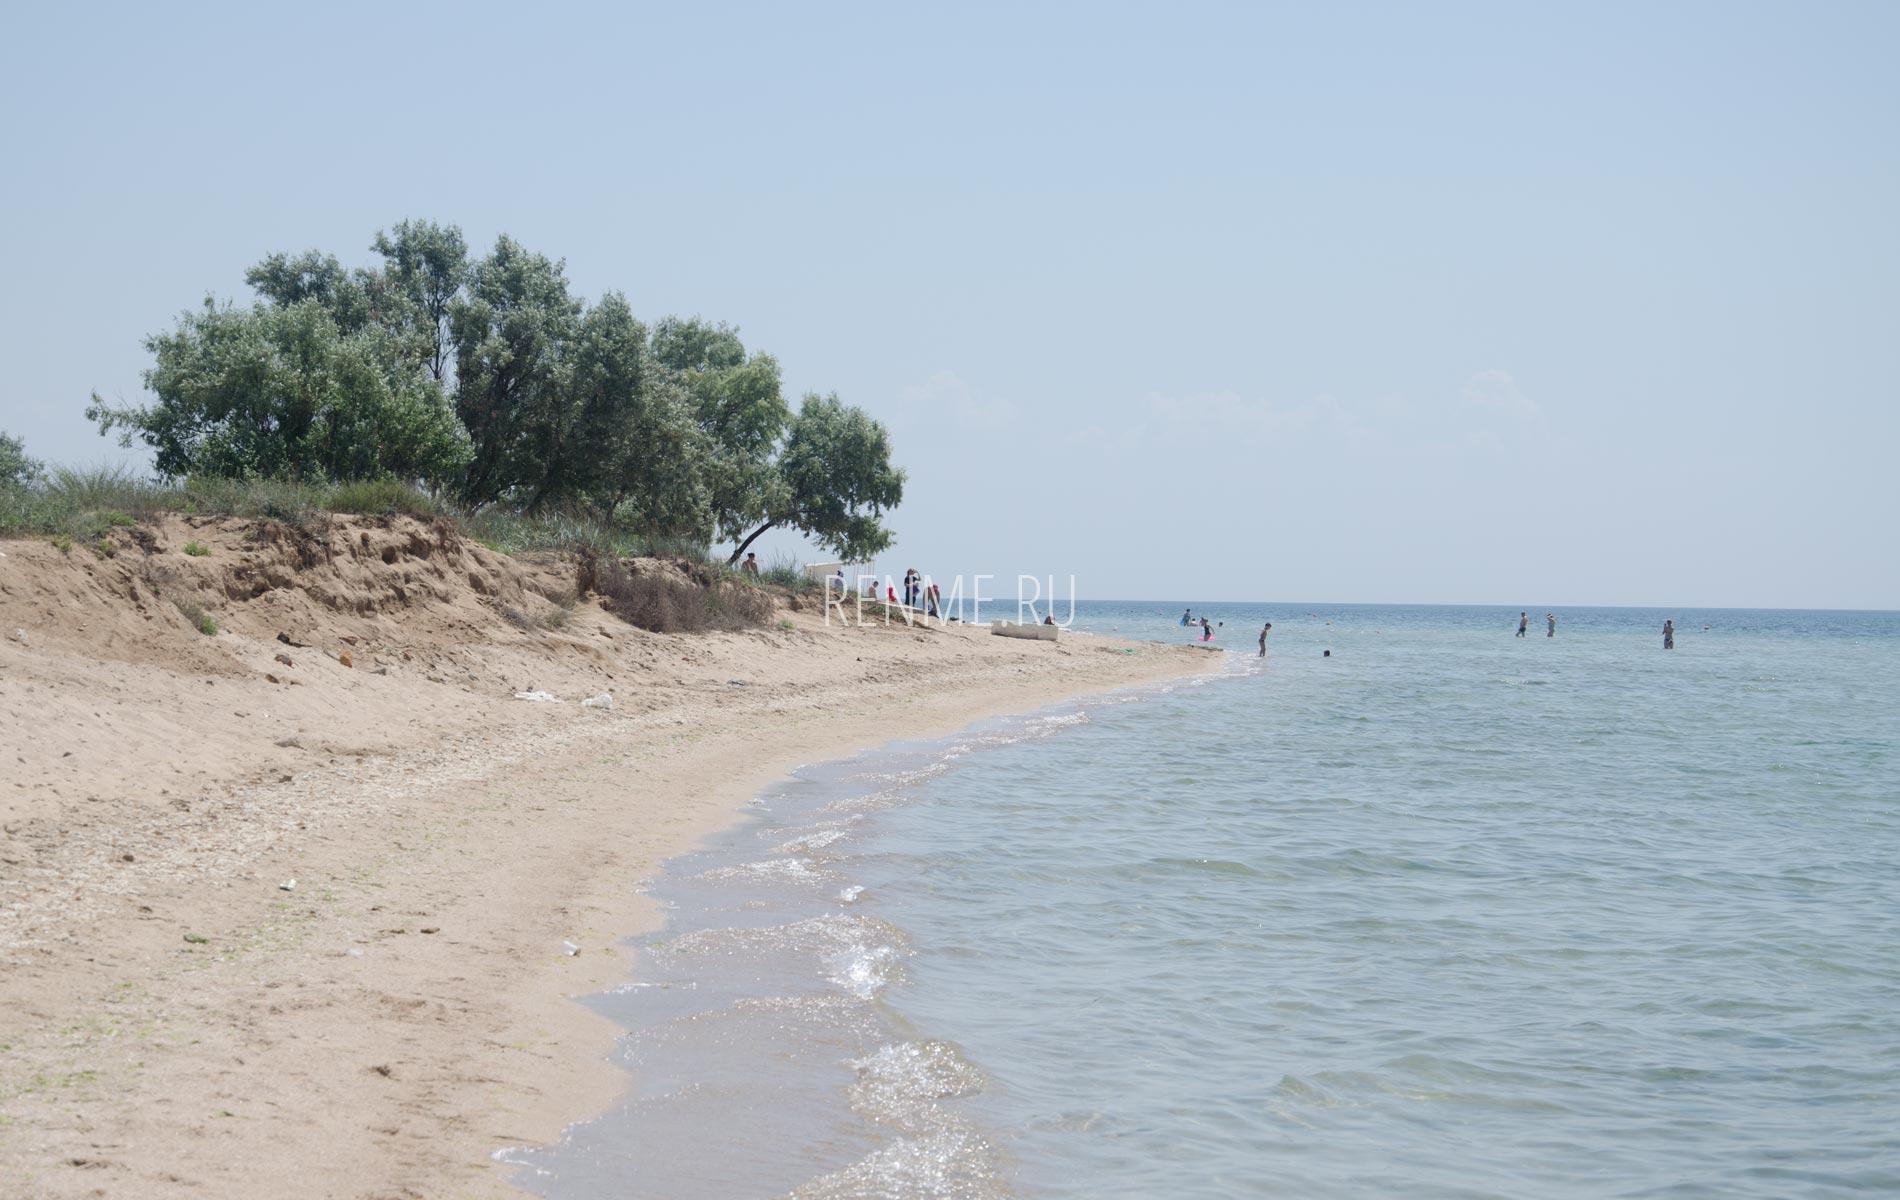 Фото с дикого пляжа Крыма 2020. Фото Заозёрного